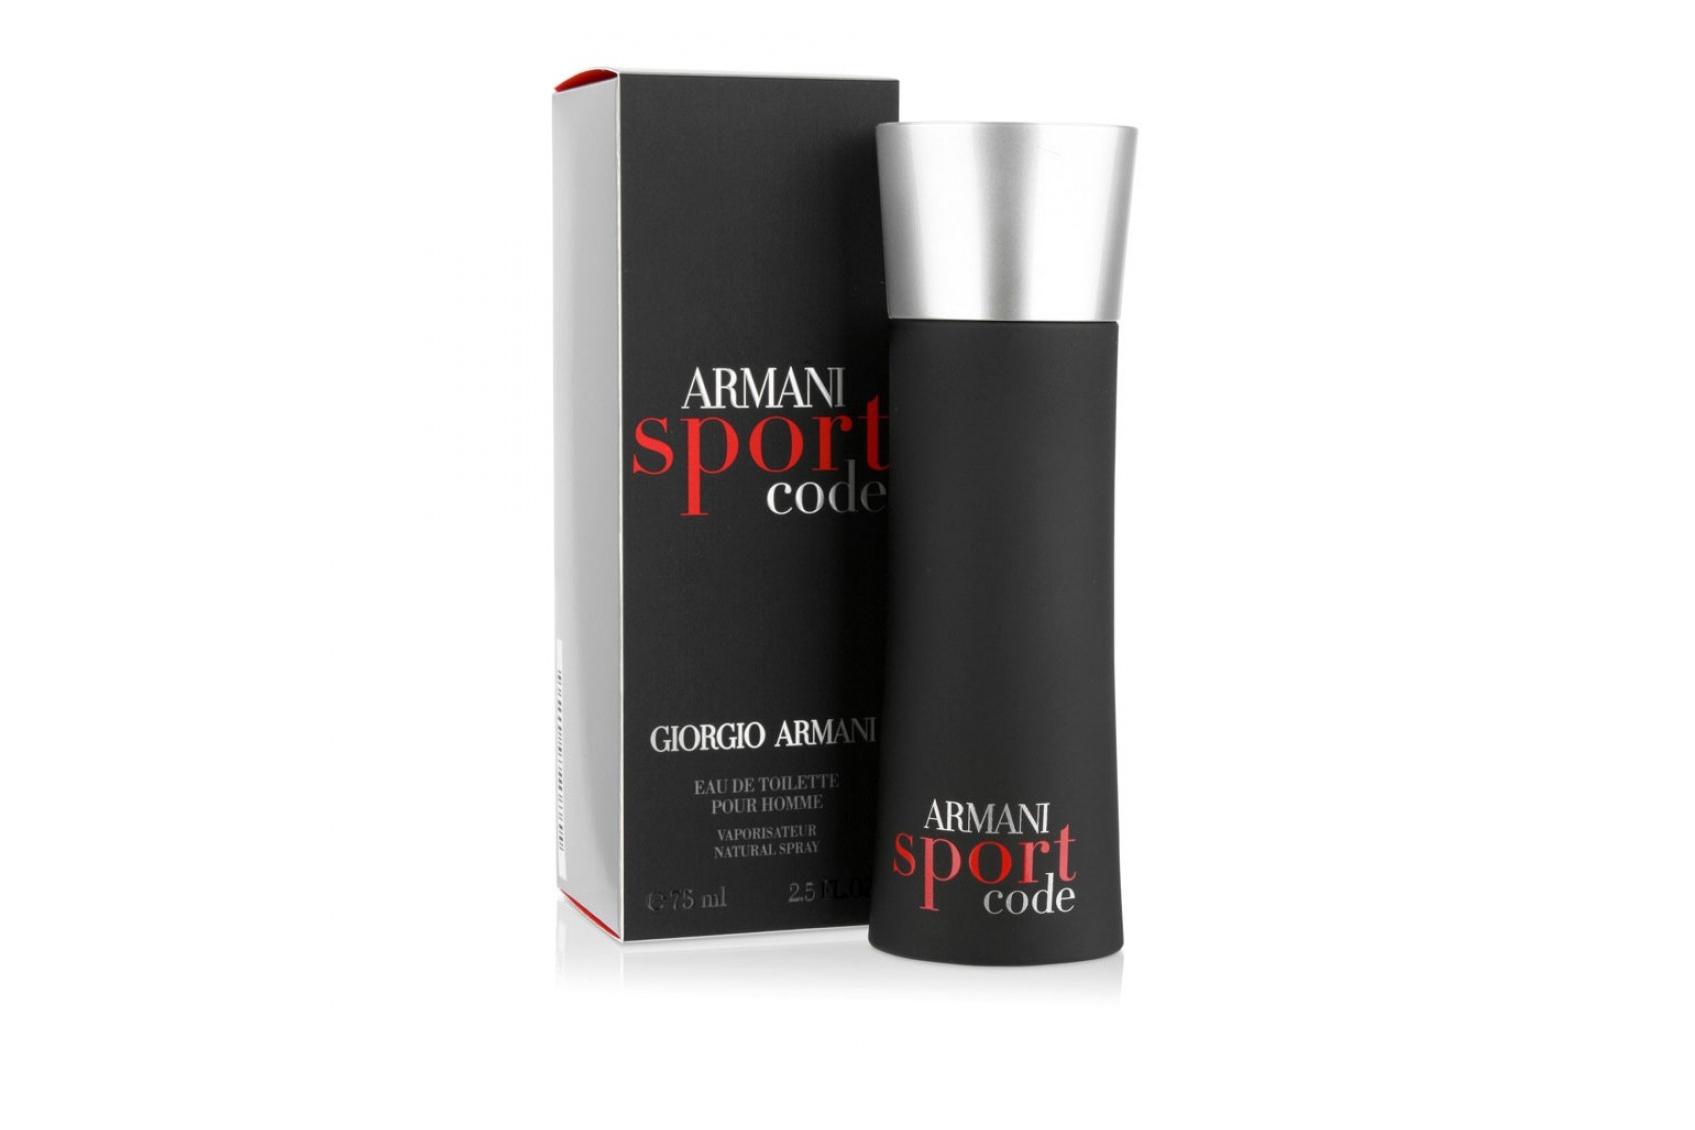 Armani Code Sport - сексуальный, смелый, респектабельный. Парфюм, который способен притягивать к себе множество восхищенных взоров. Начальные ноты композиции : лимон и сочный мандарин.